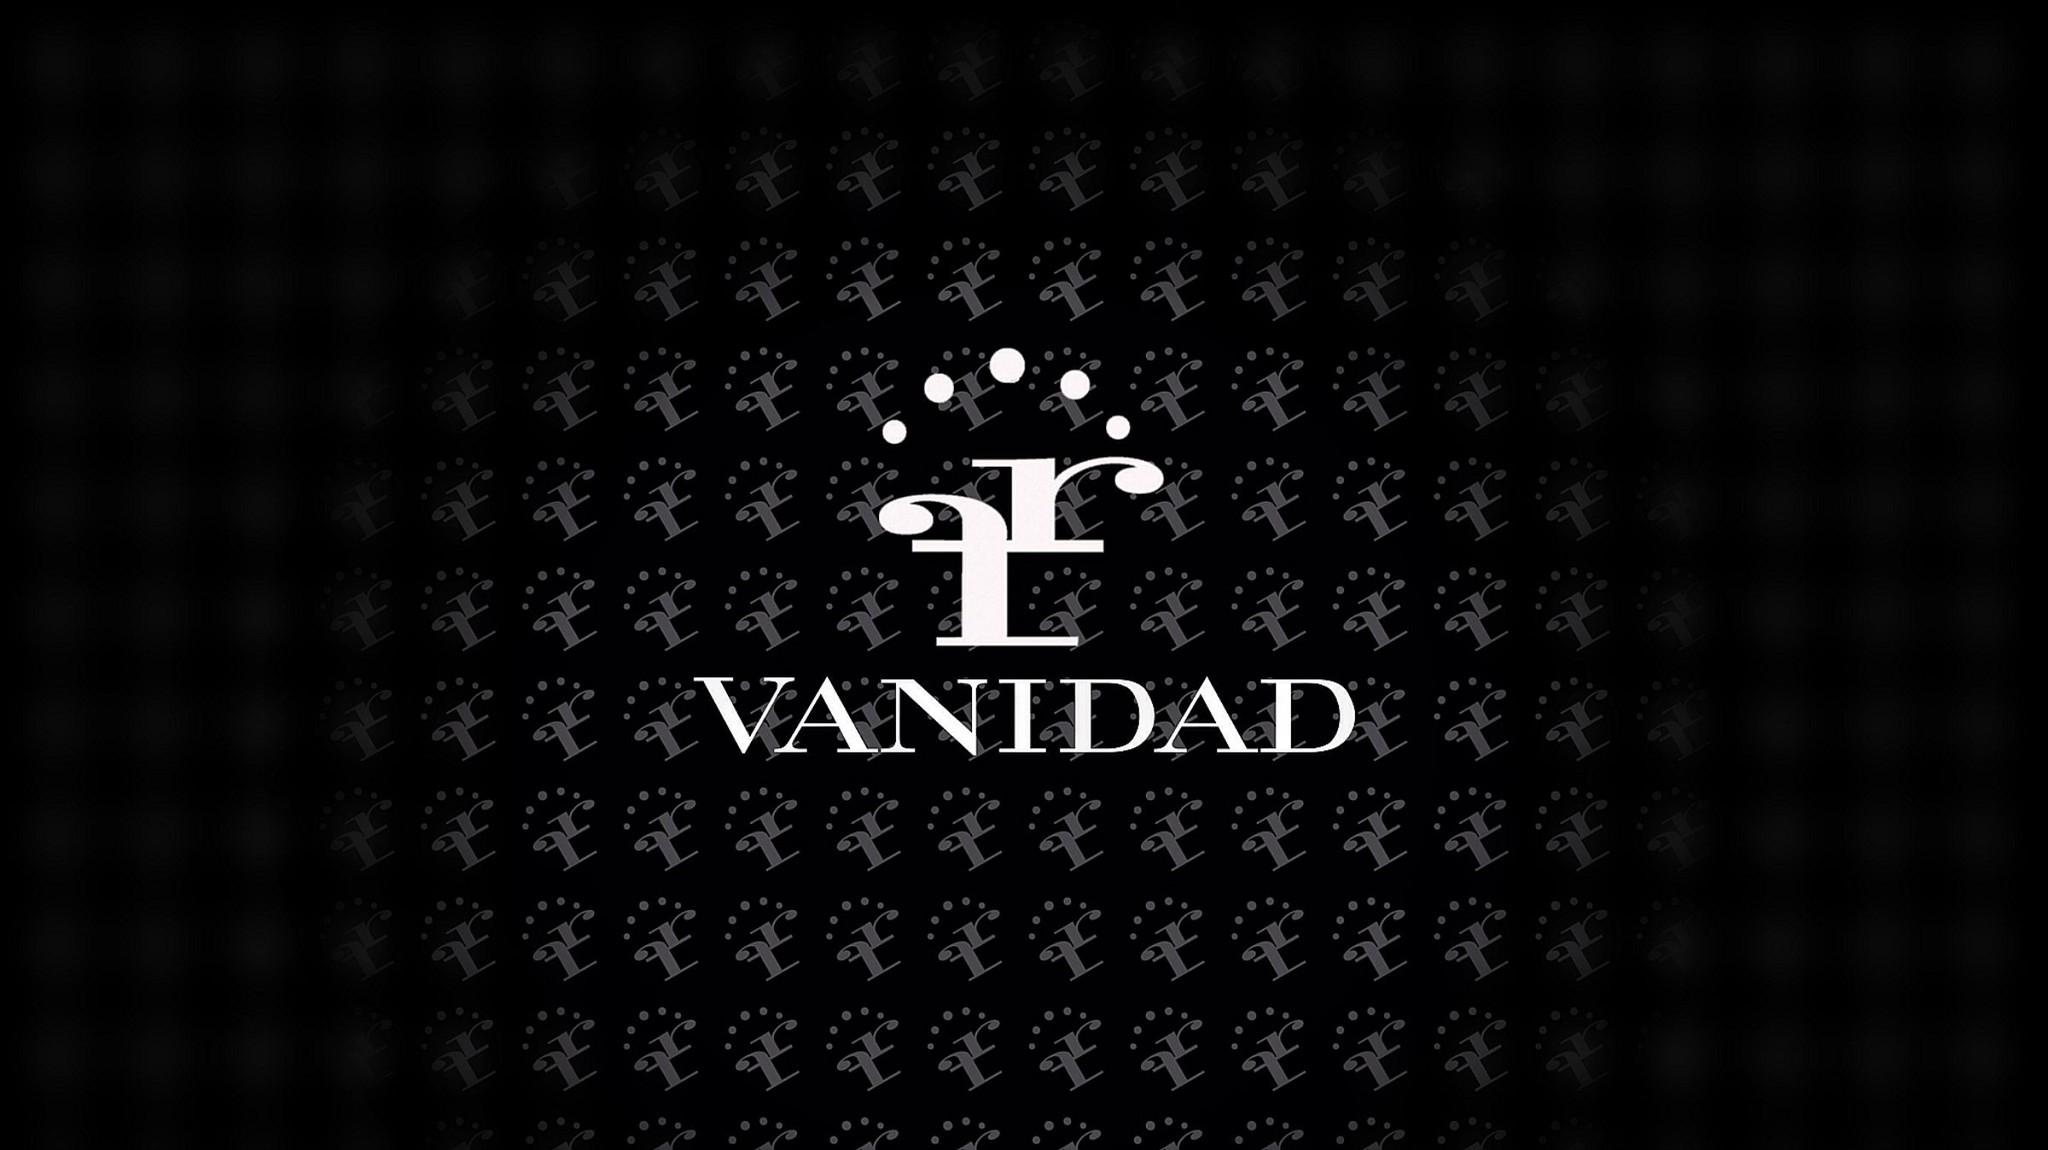 VANIDAD ヴァニダ